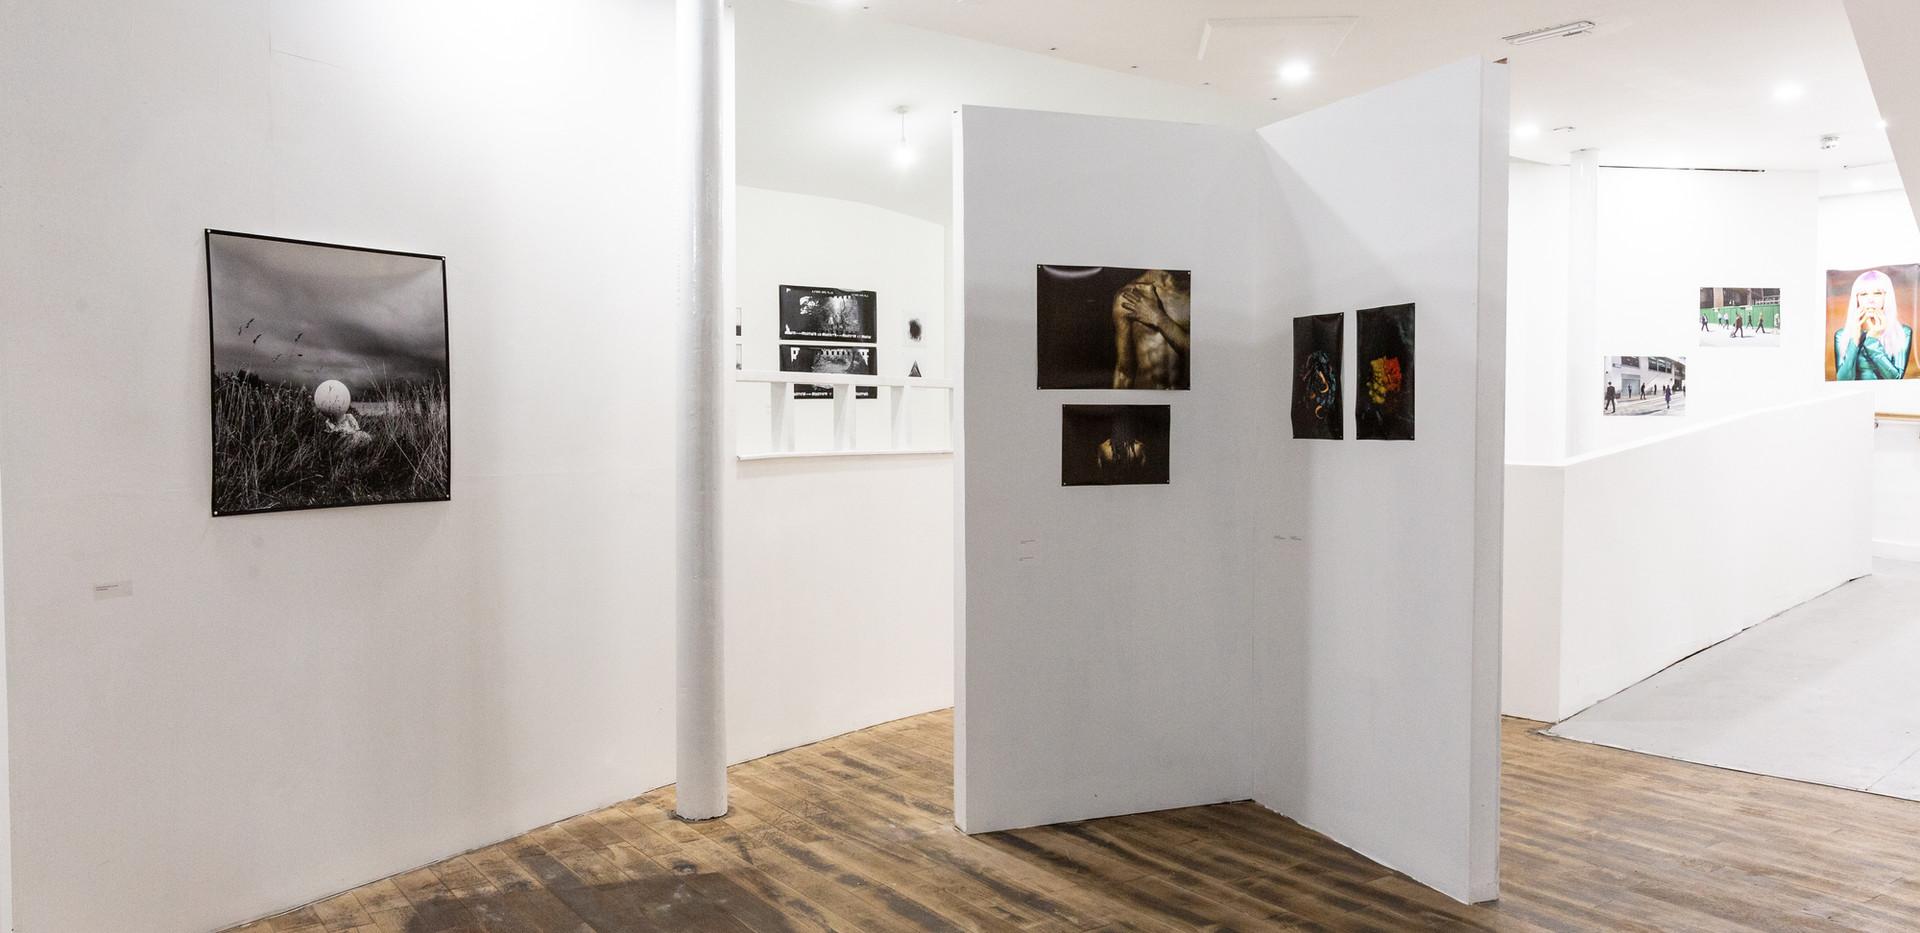 ESPY 2019 Exhibition